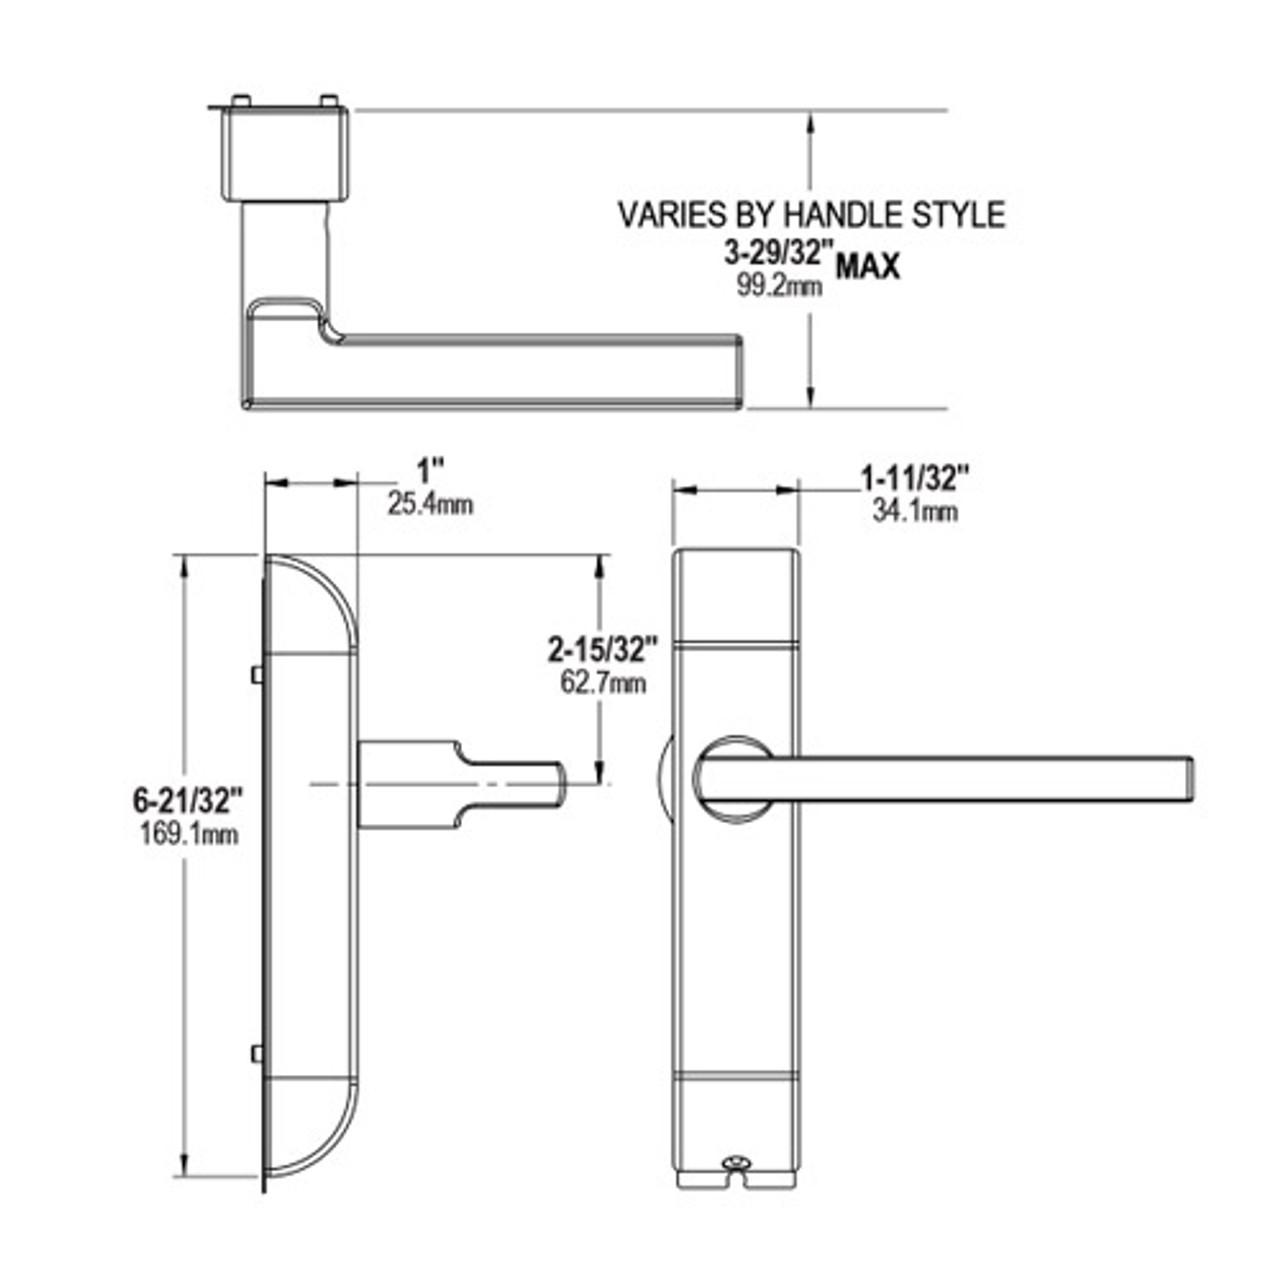 4600-MN-641-US10B Adams Rite MN Designer handle Dimensional View